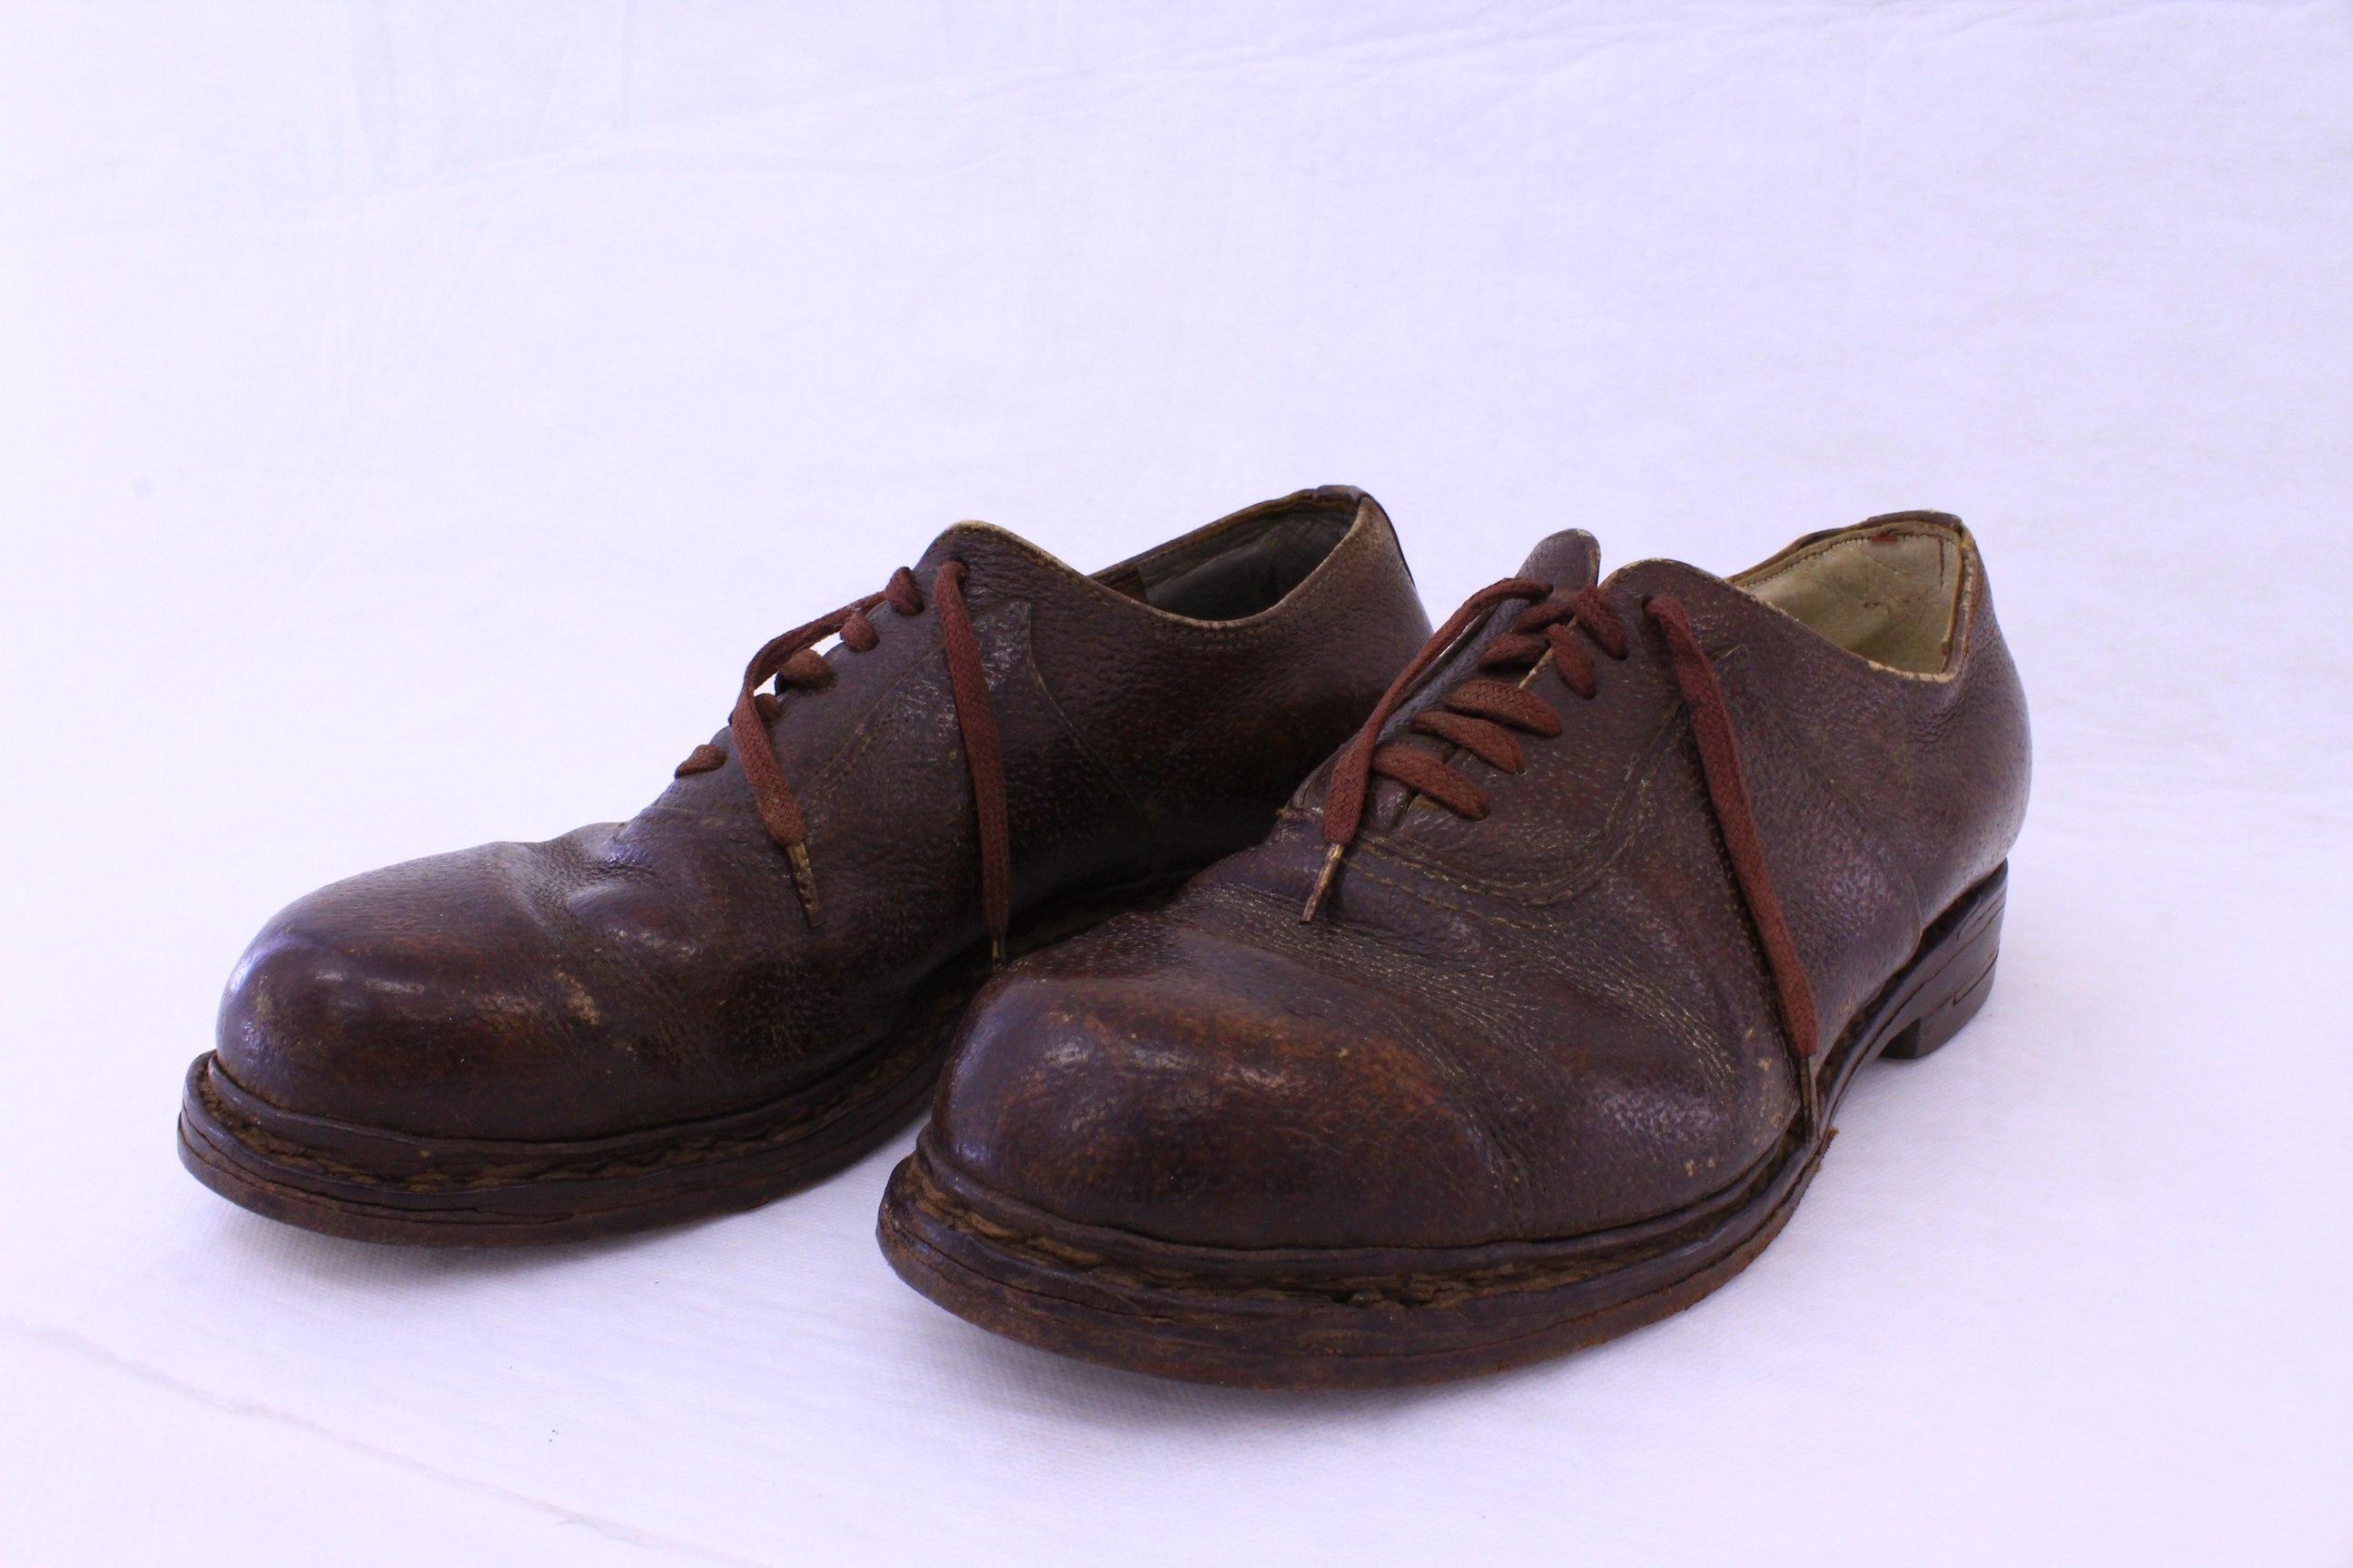 c259f5f5a836f Schuh - Die vollständigen Informationen und Online-Verkauf mit kostenlosem  Versand. Bestellen und kaufen Sie jetzt zum günstigsten Preis im besten ...